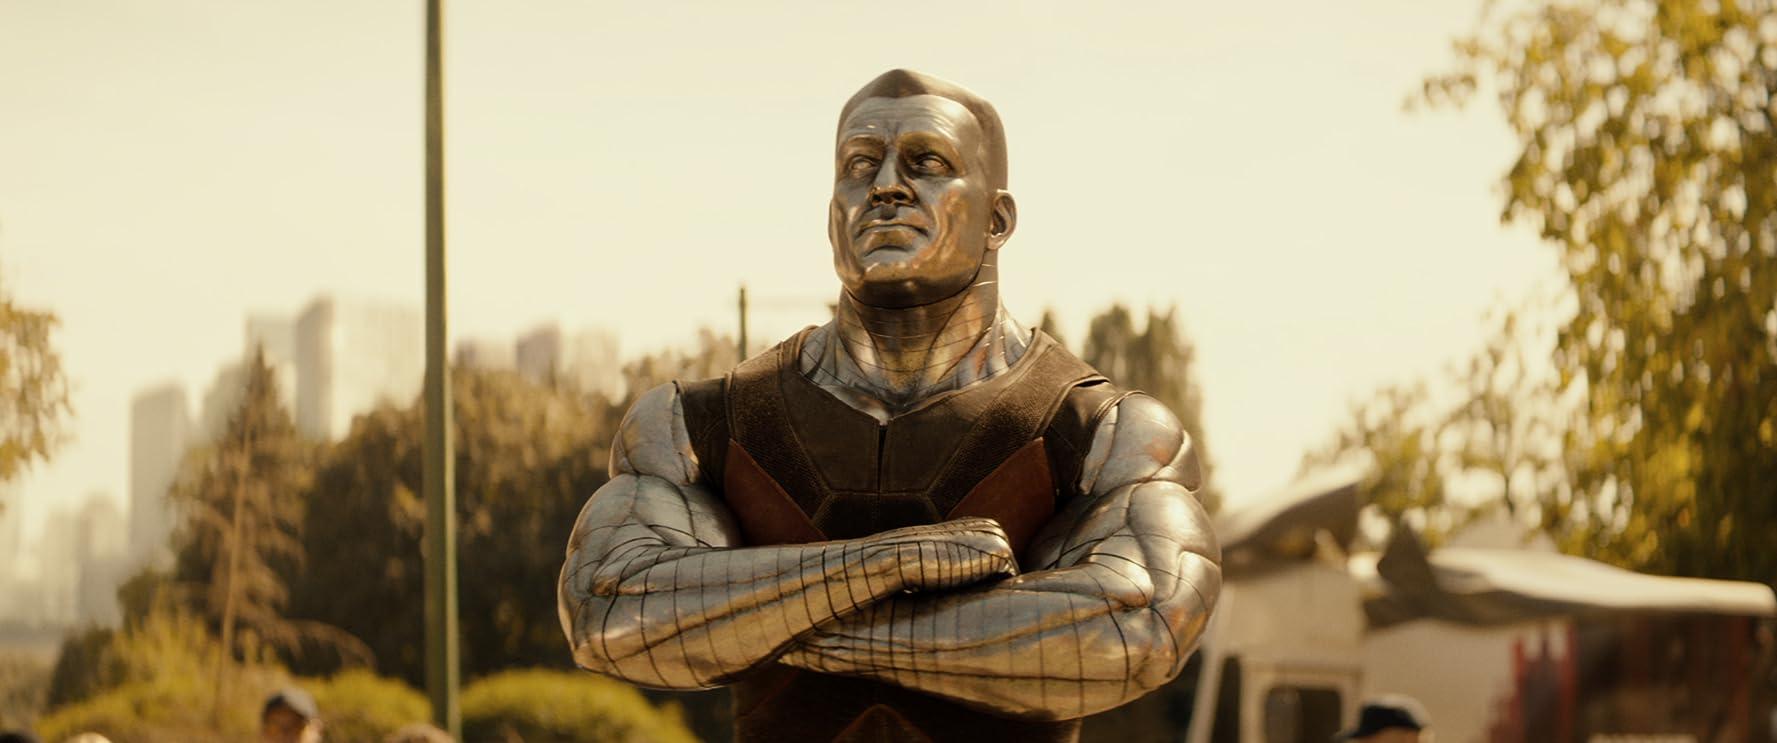 Stefan Kapicic in Deadpool 2 (2018)